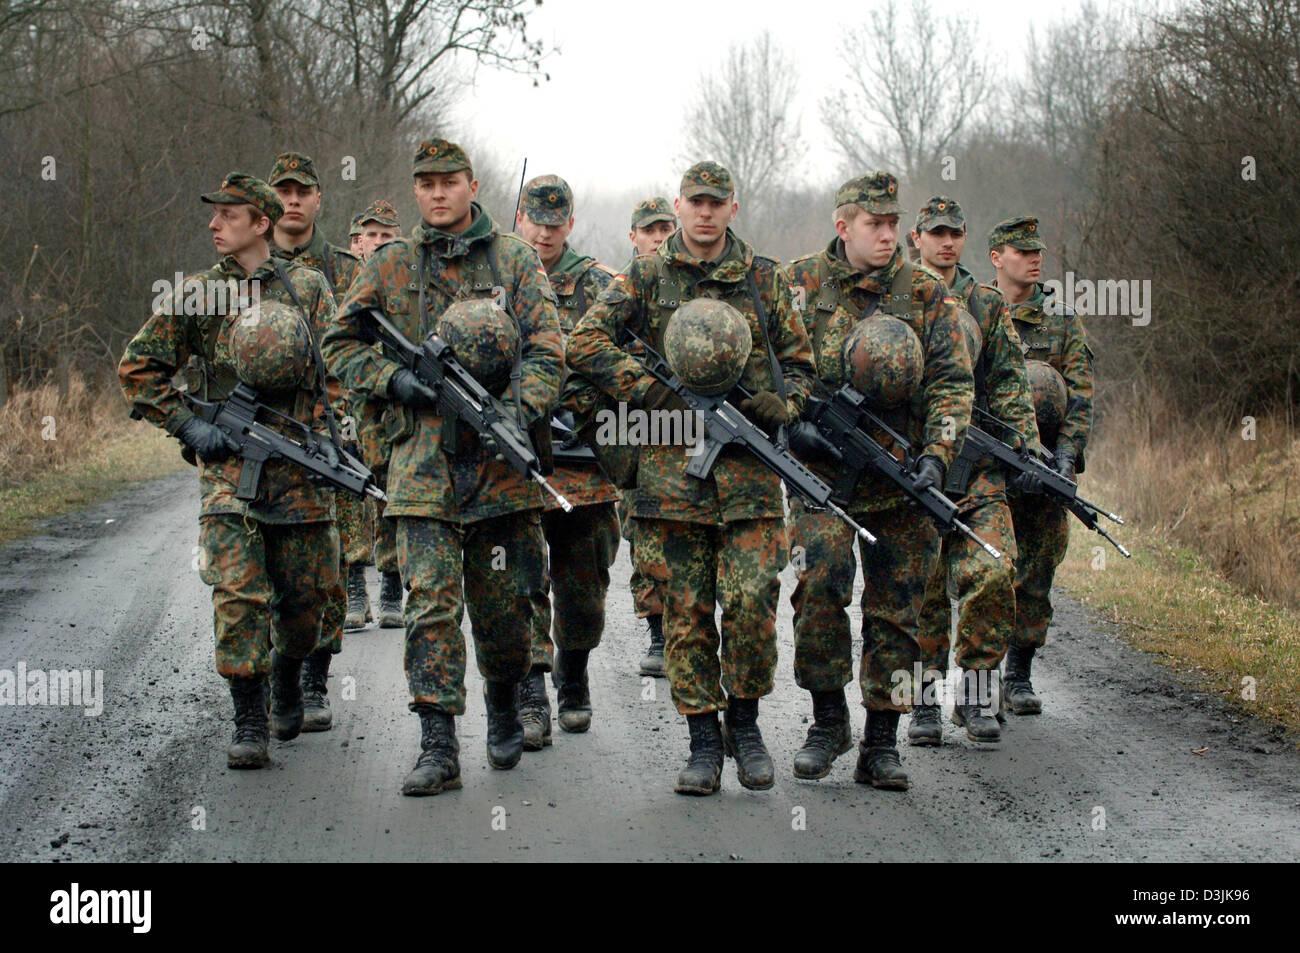 dpa eine gruppe von rekruten der deutschen bundeswehr armee tragen typ g 36 gewehre auf. Black Bedroom Furniture Sets. Home Design Ideas